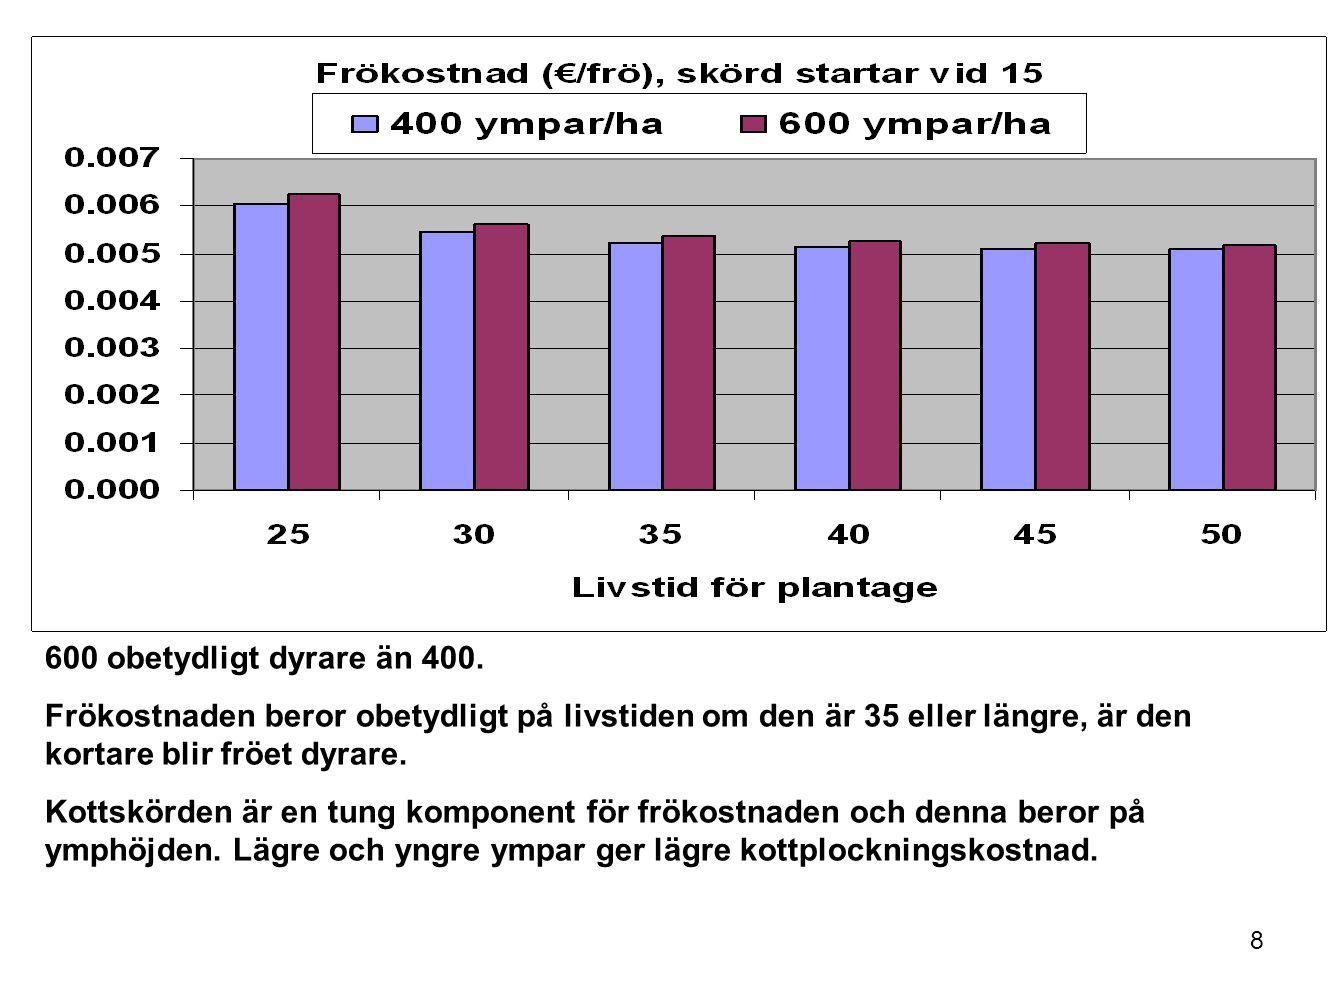 600 obetydligt dyrare än 400. Frökostnaden beror obetydligt på livstiden om den är 35 eller längre, är den kortare blir fröet dyrare.